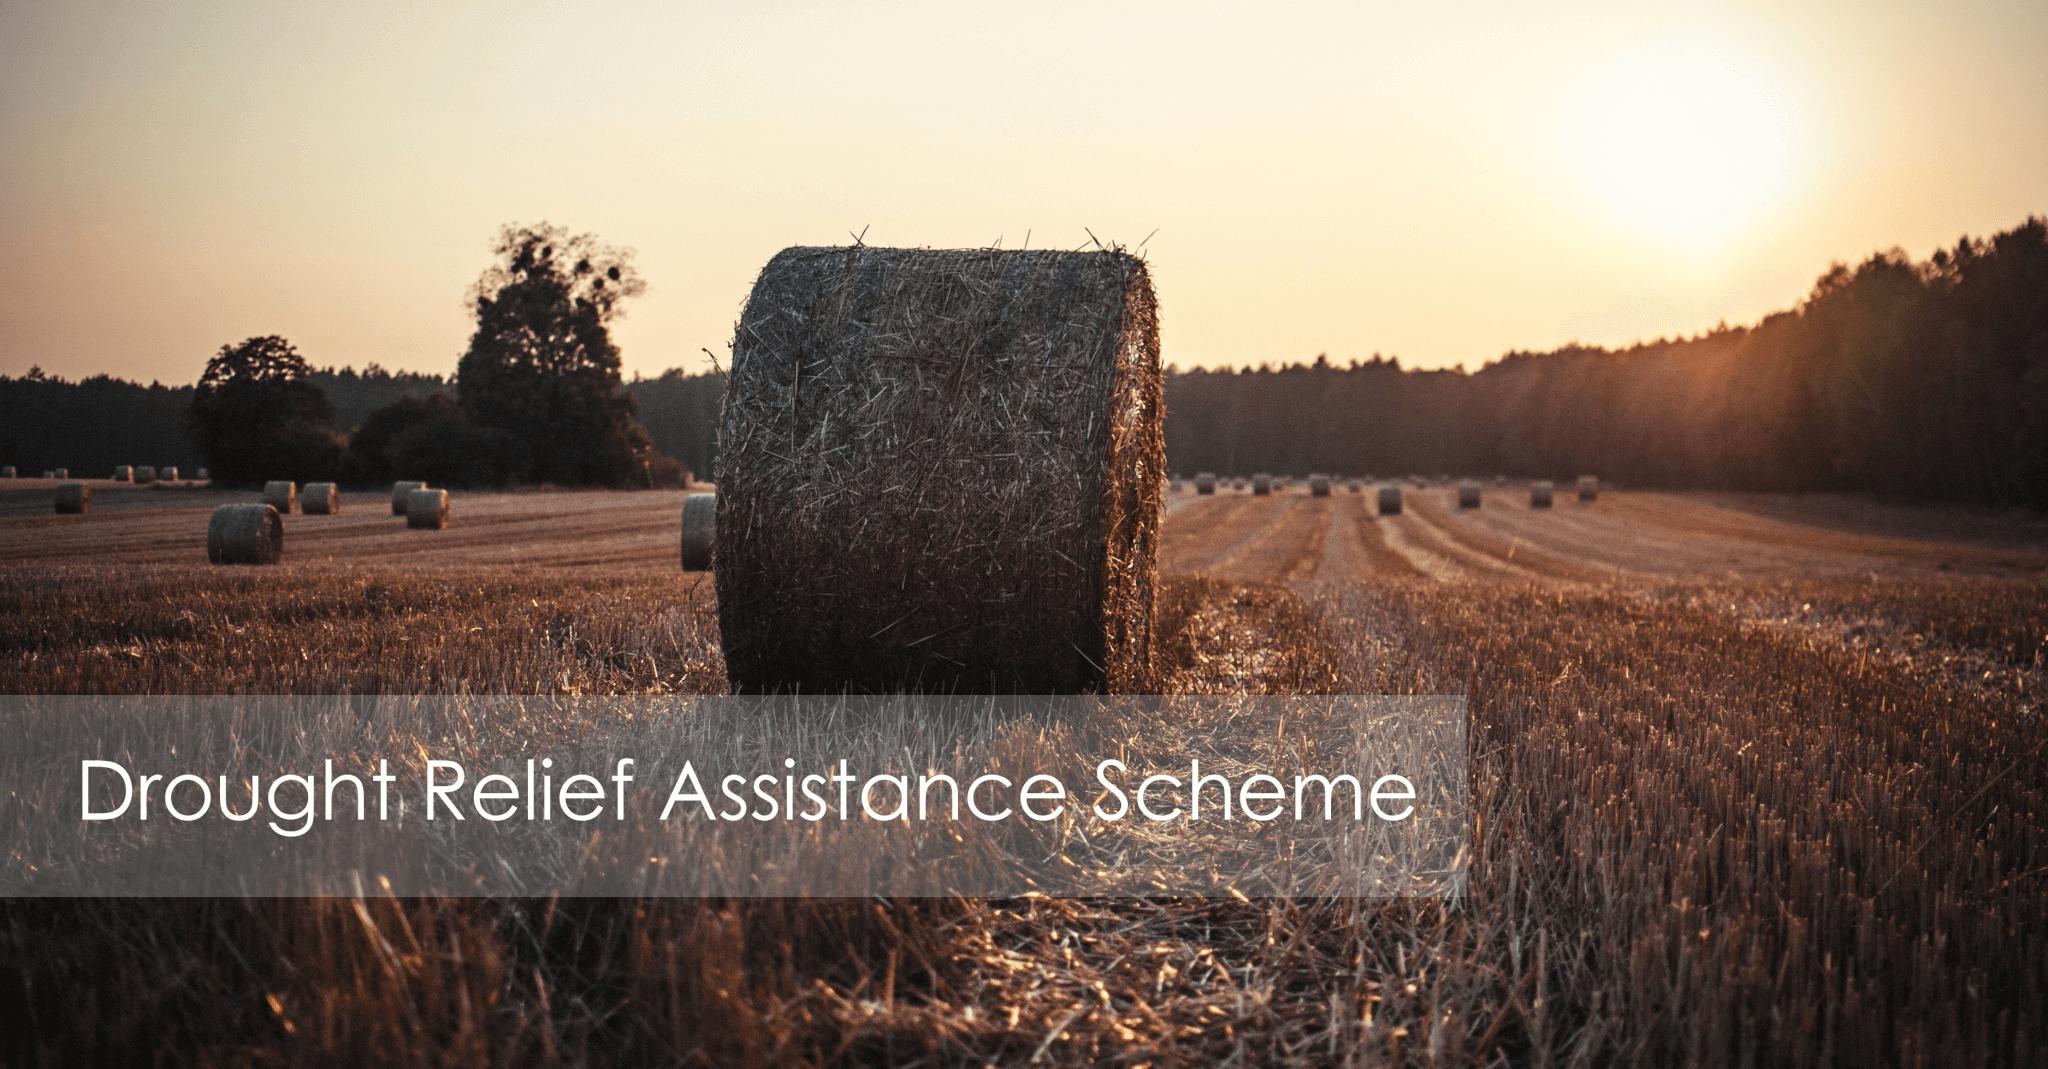 Drought Relief Assistance Scheme